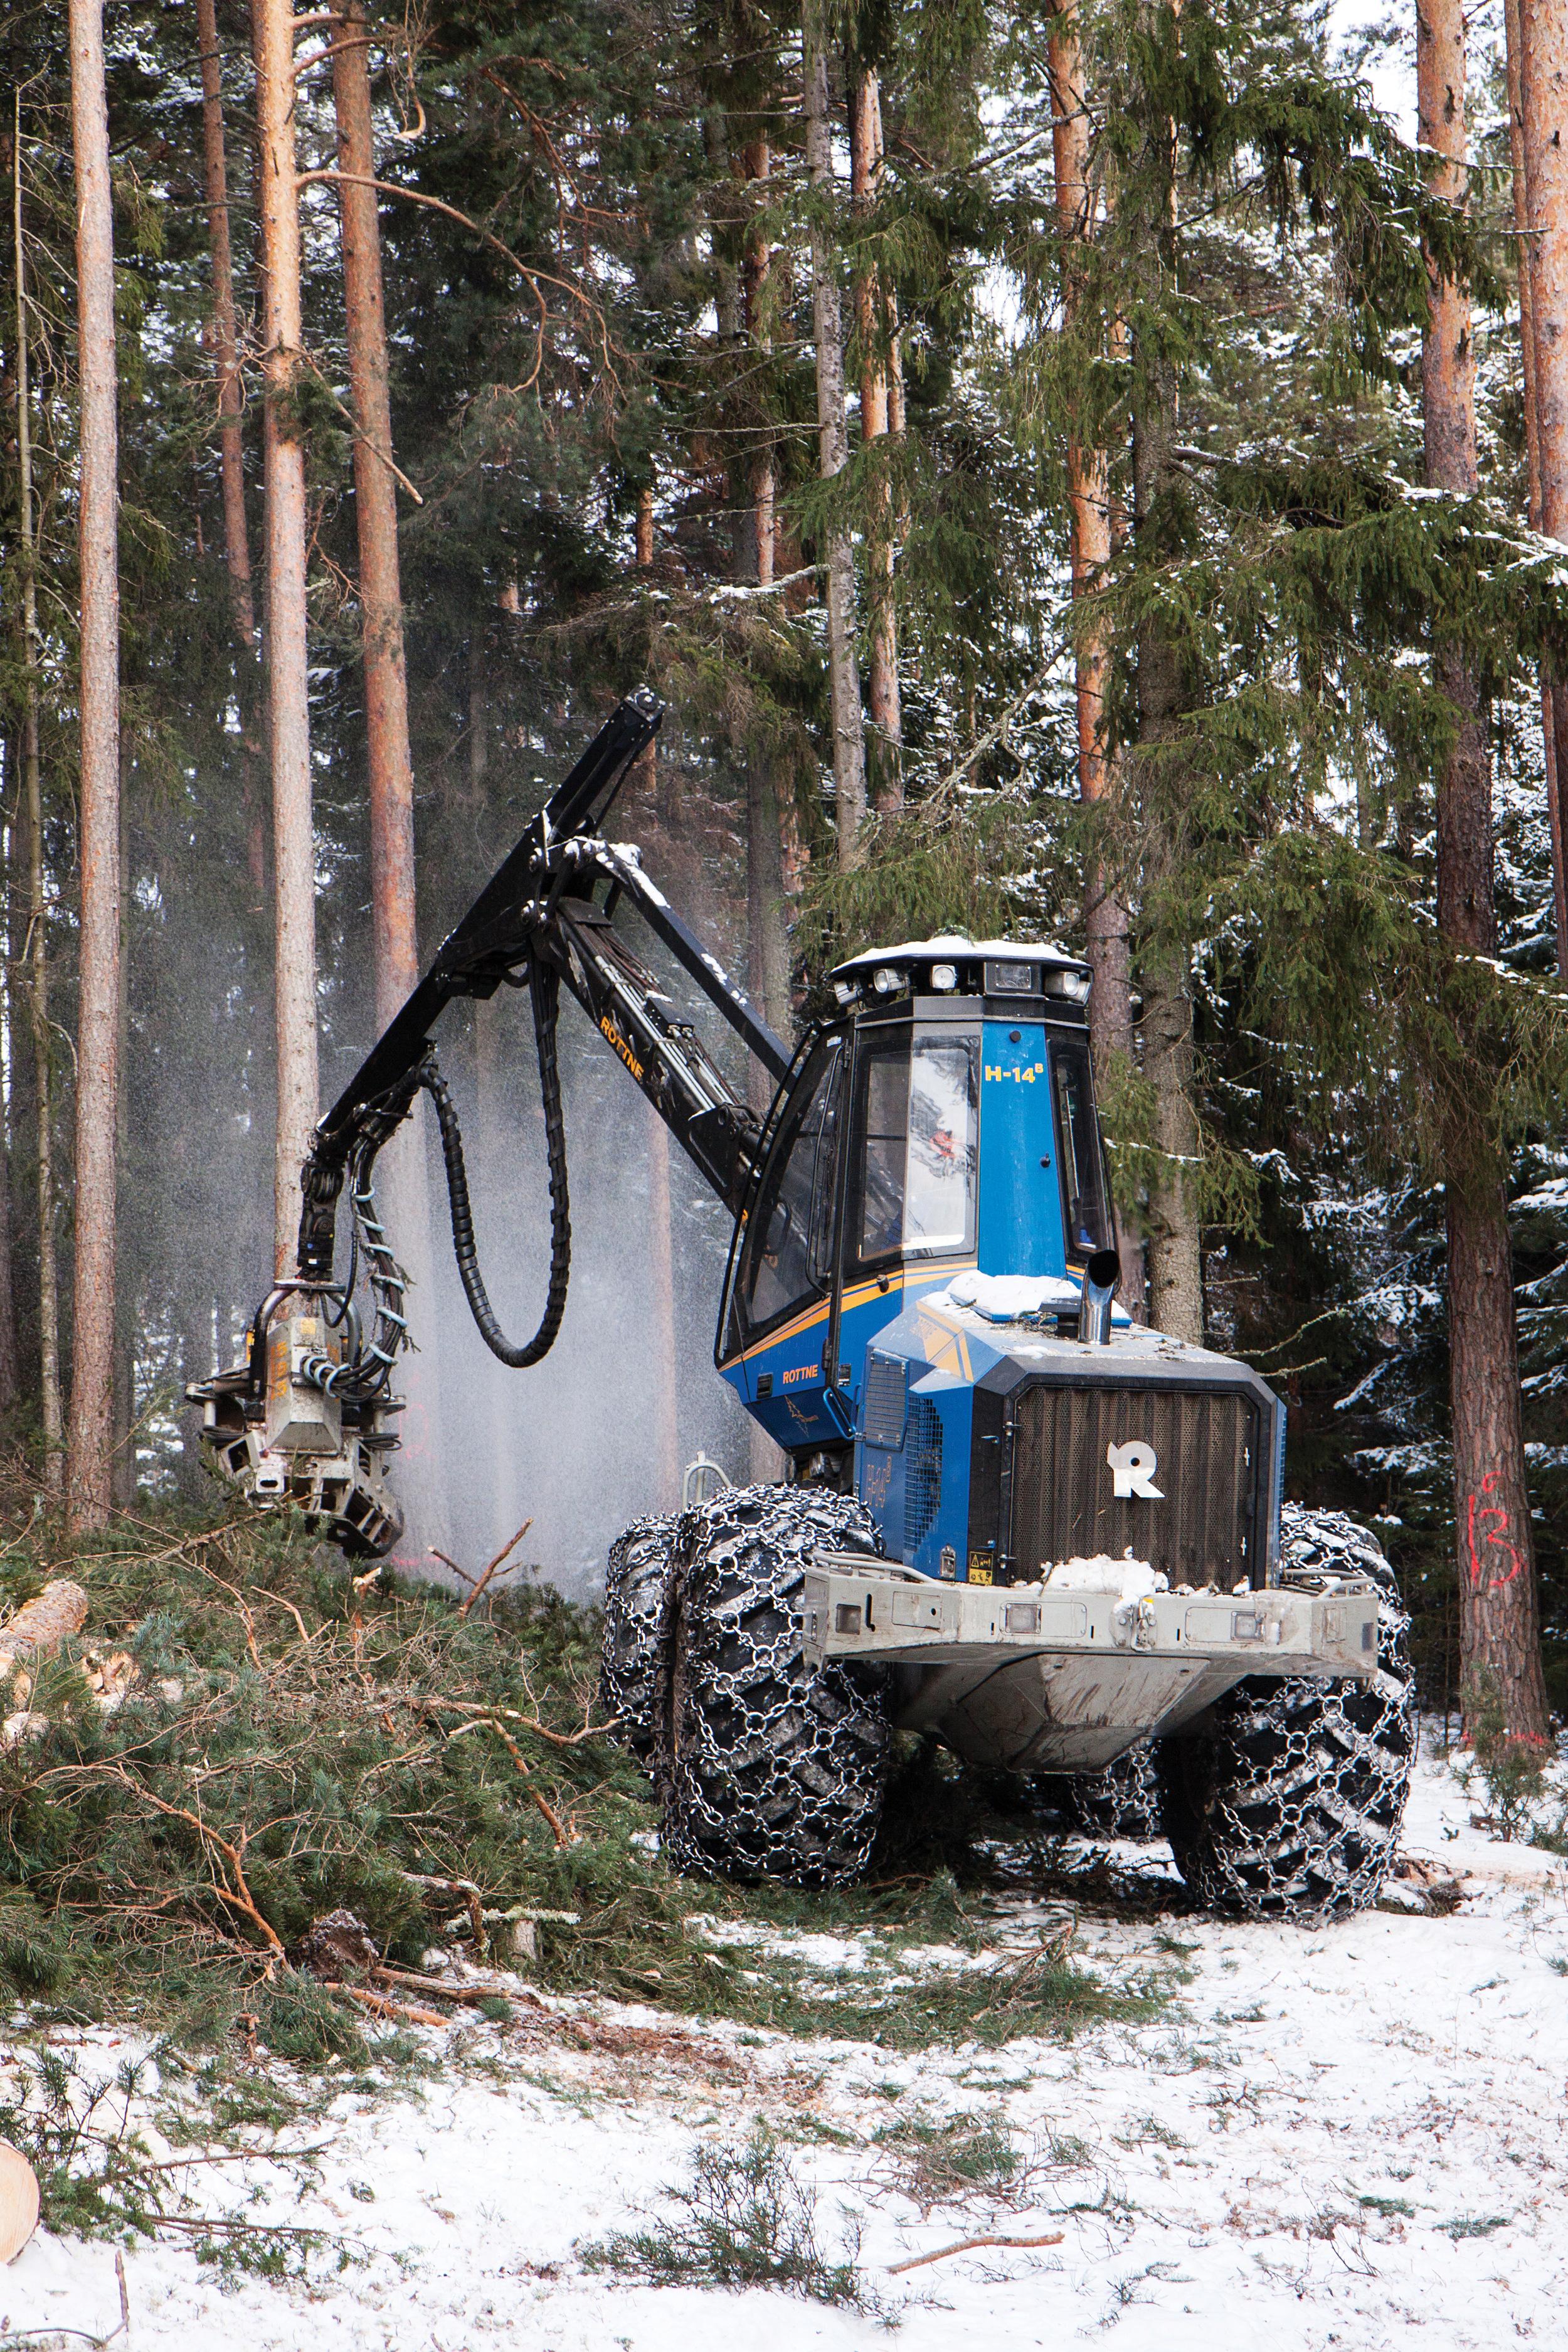 Avvirkningen i norske skoger er langt mindre enn tilveksten. Det meste av avvirkningen foregår nå ved hjelp av hogstmaskiner. Foto: John Yngvar Larsson, NIBIO